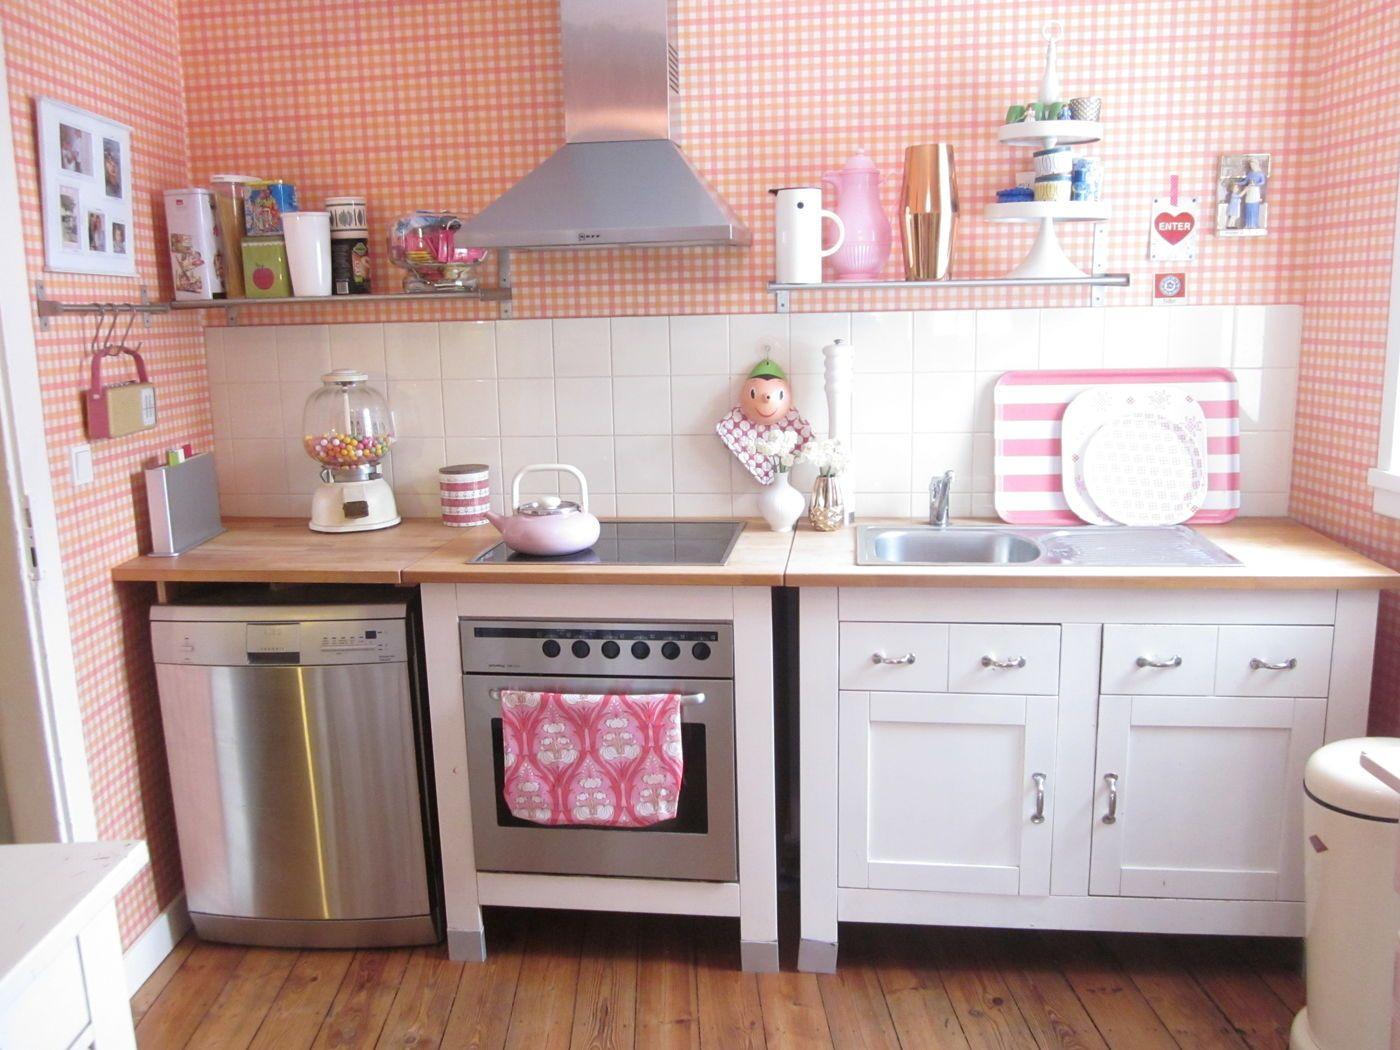 Full Size of Shabby Chic Kchen Ideen Zum Einrichten Und Dekorieren Singleküche Mit E Geräten Unterschränke Küche Outdoor Kaufen Abluftventilator Einbauküche Günstig Wohnzimmer Küche Shabby